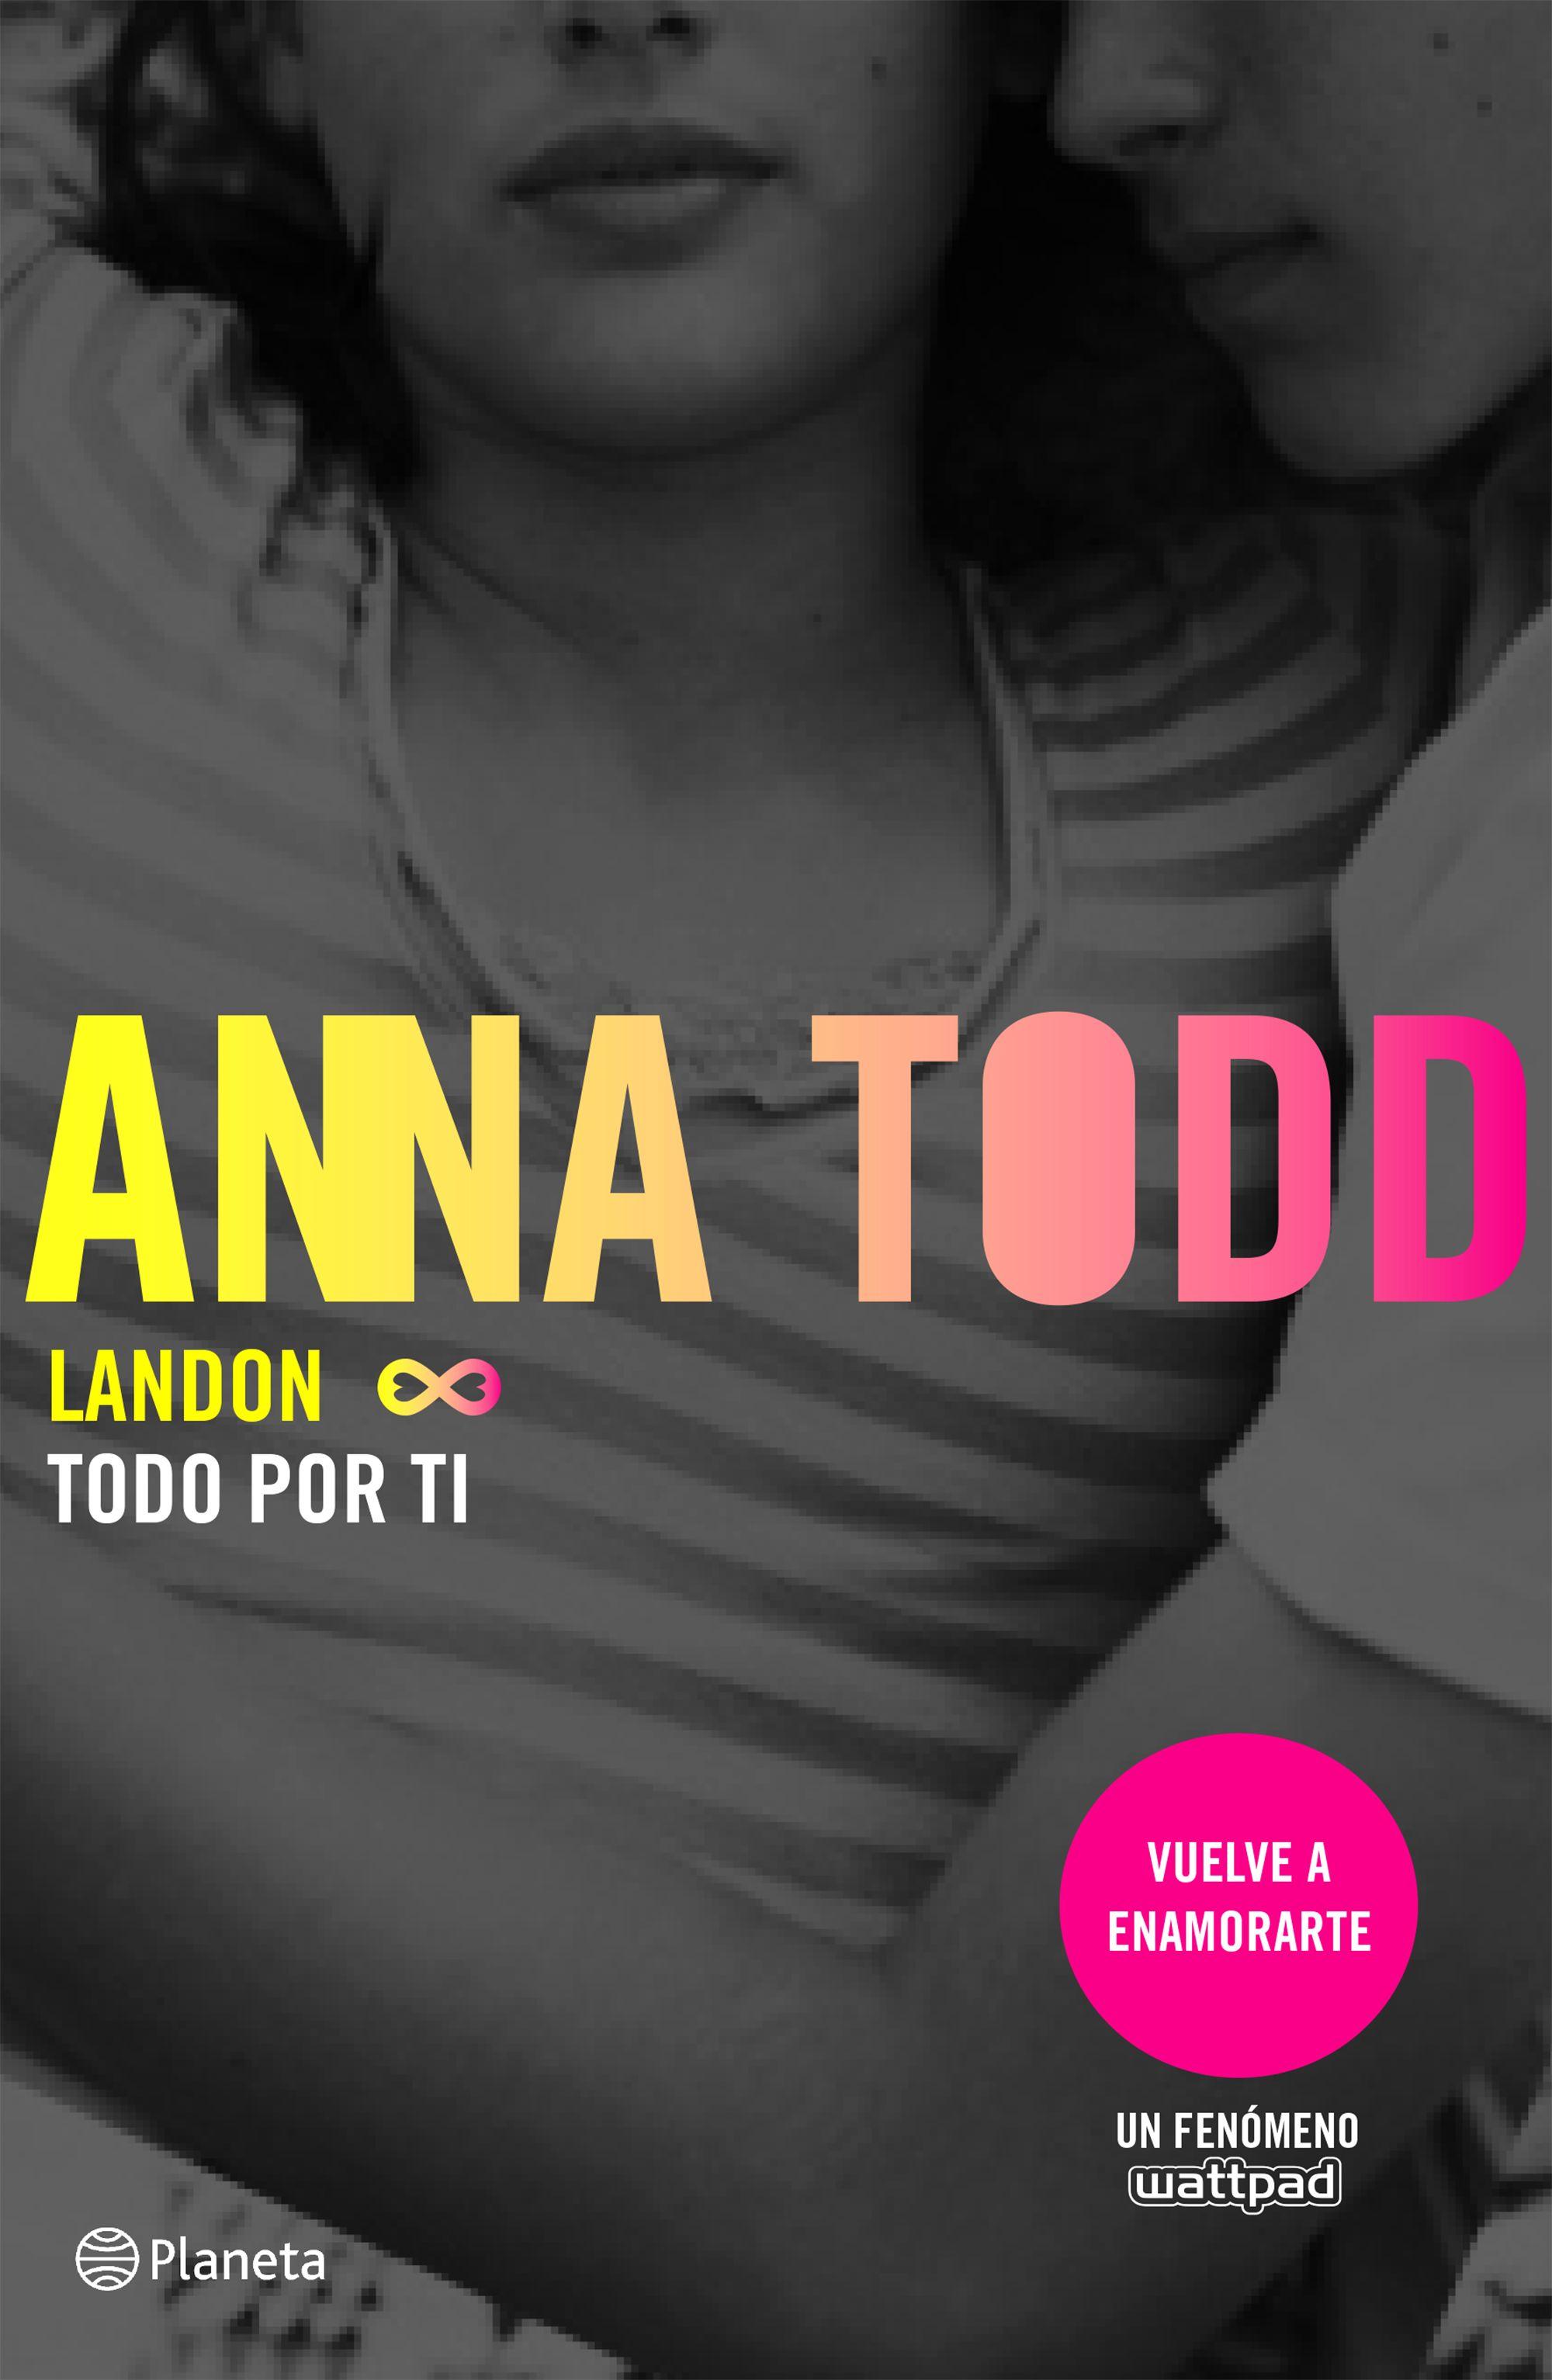 Landon Todo por ti - Anna Todd Portada